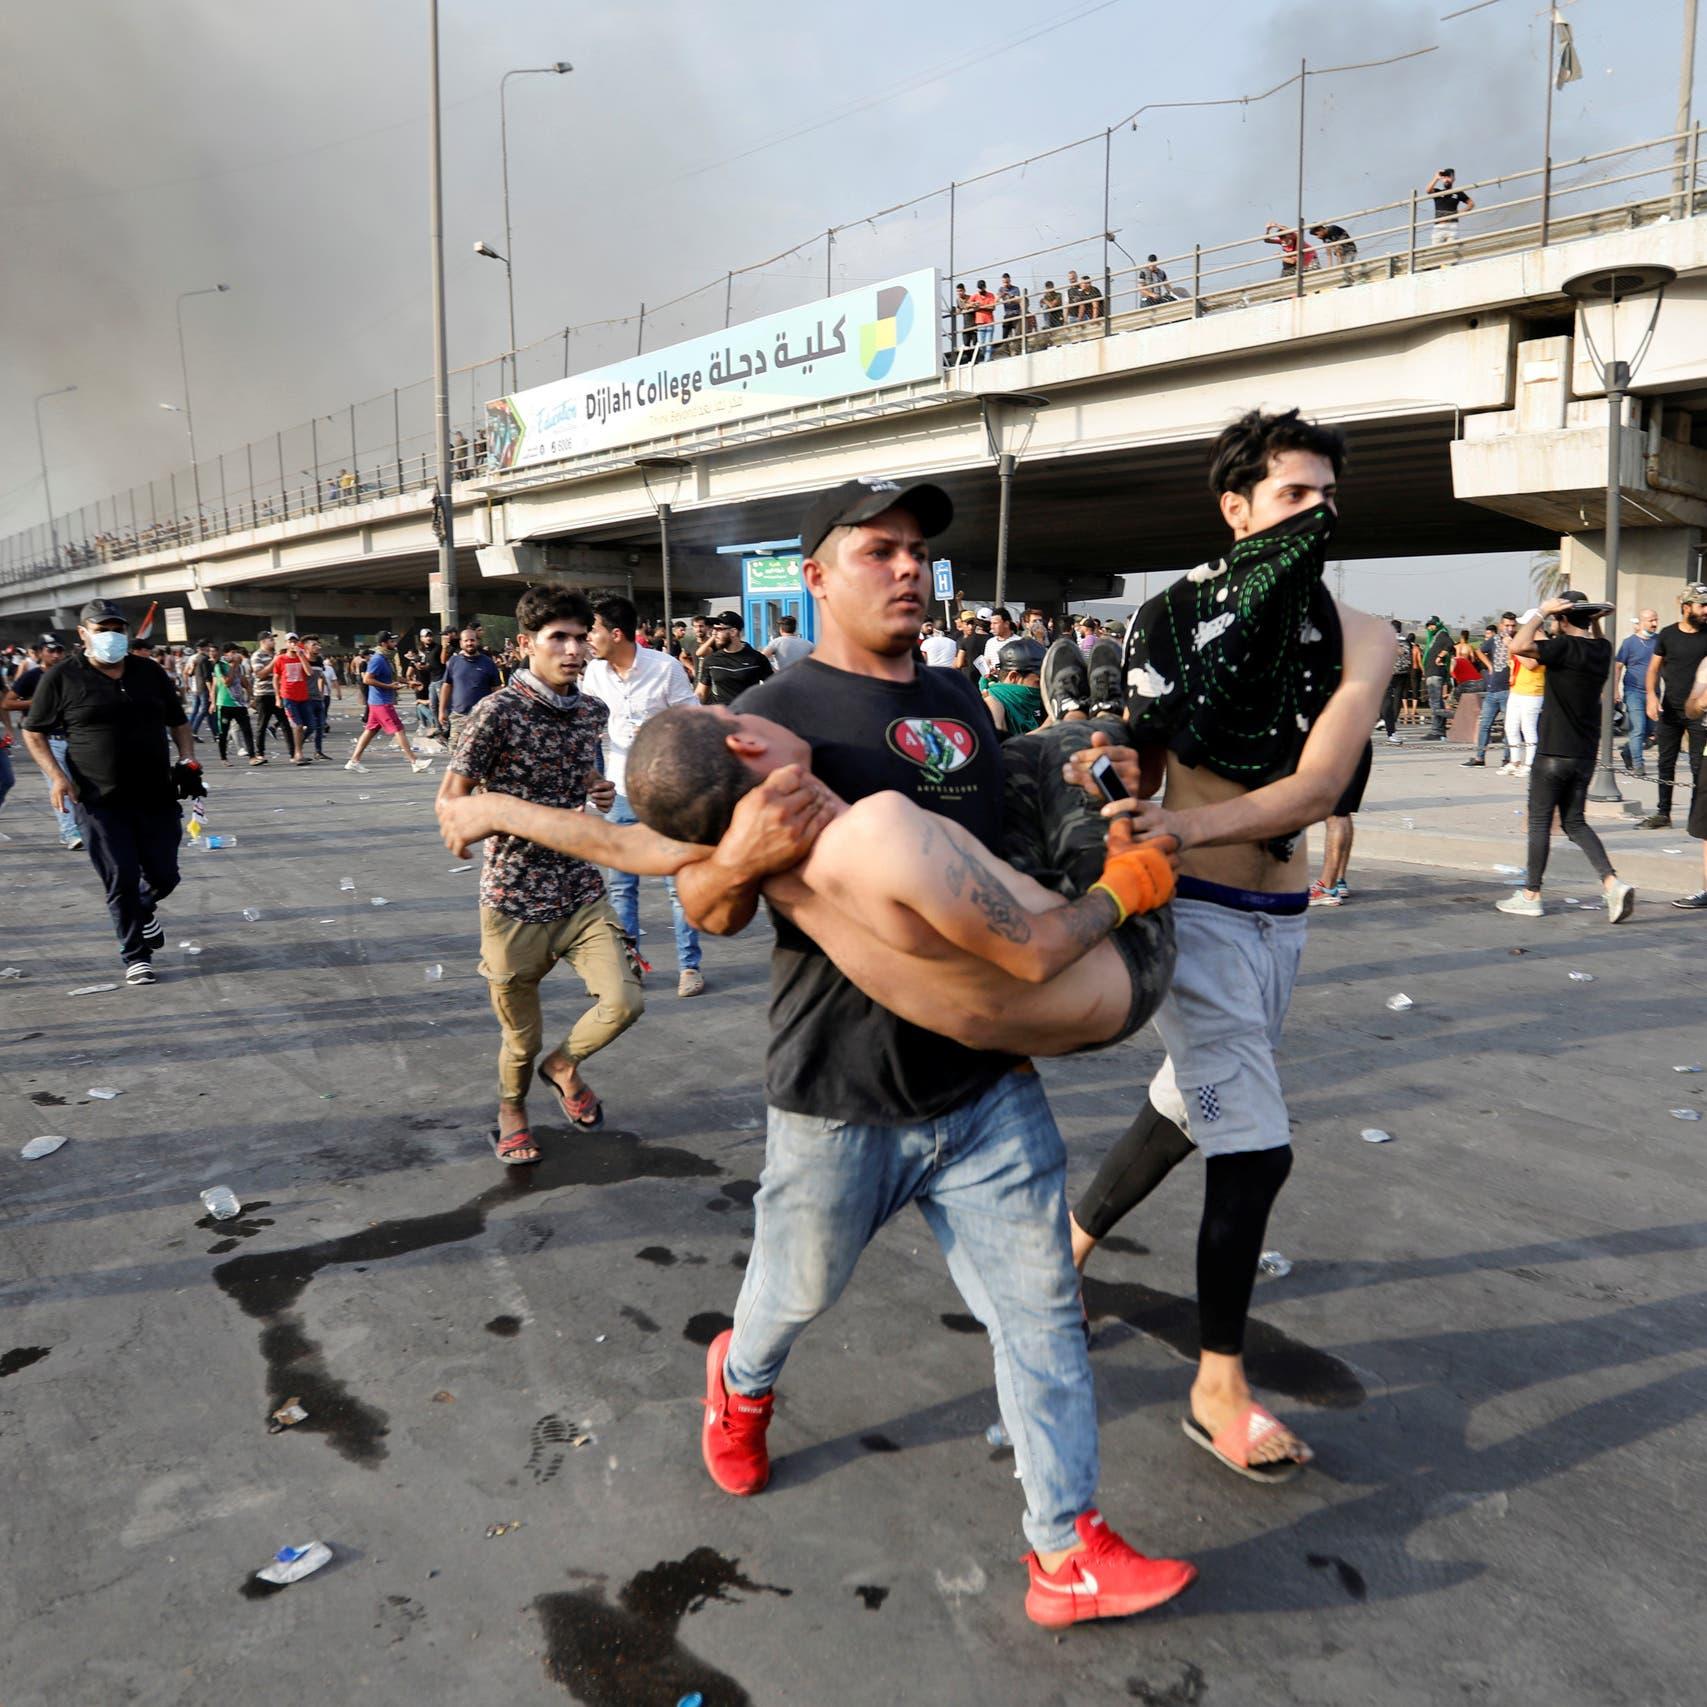 العراق.. قتلى وجرحى وفرض للطوارئ وهتافات ضد إيران